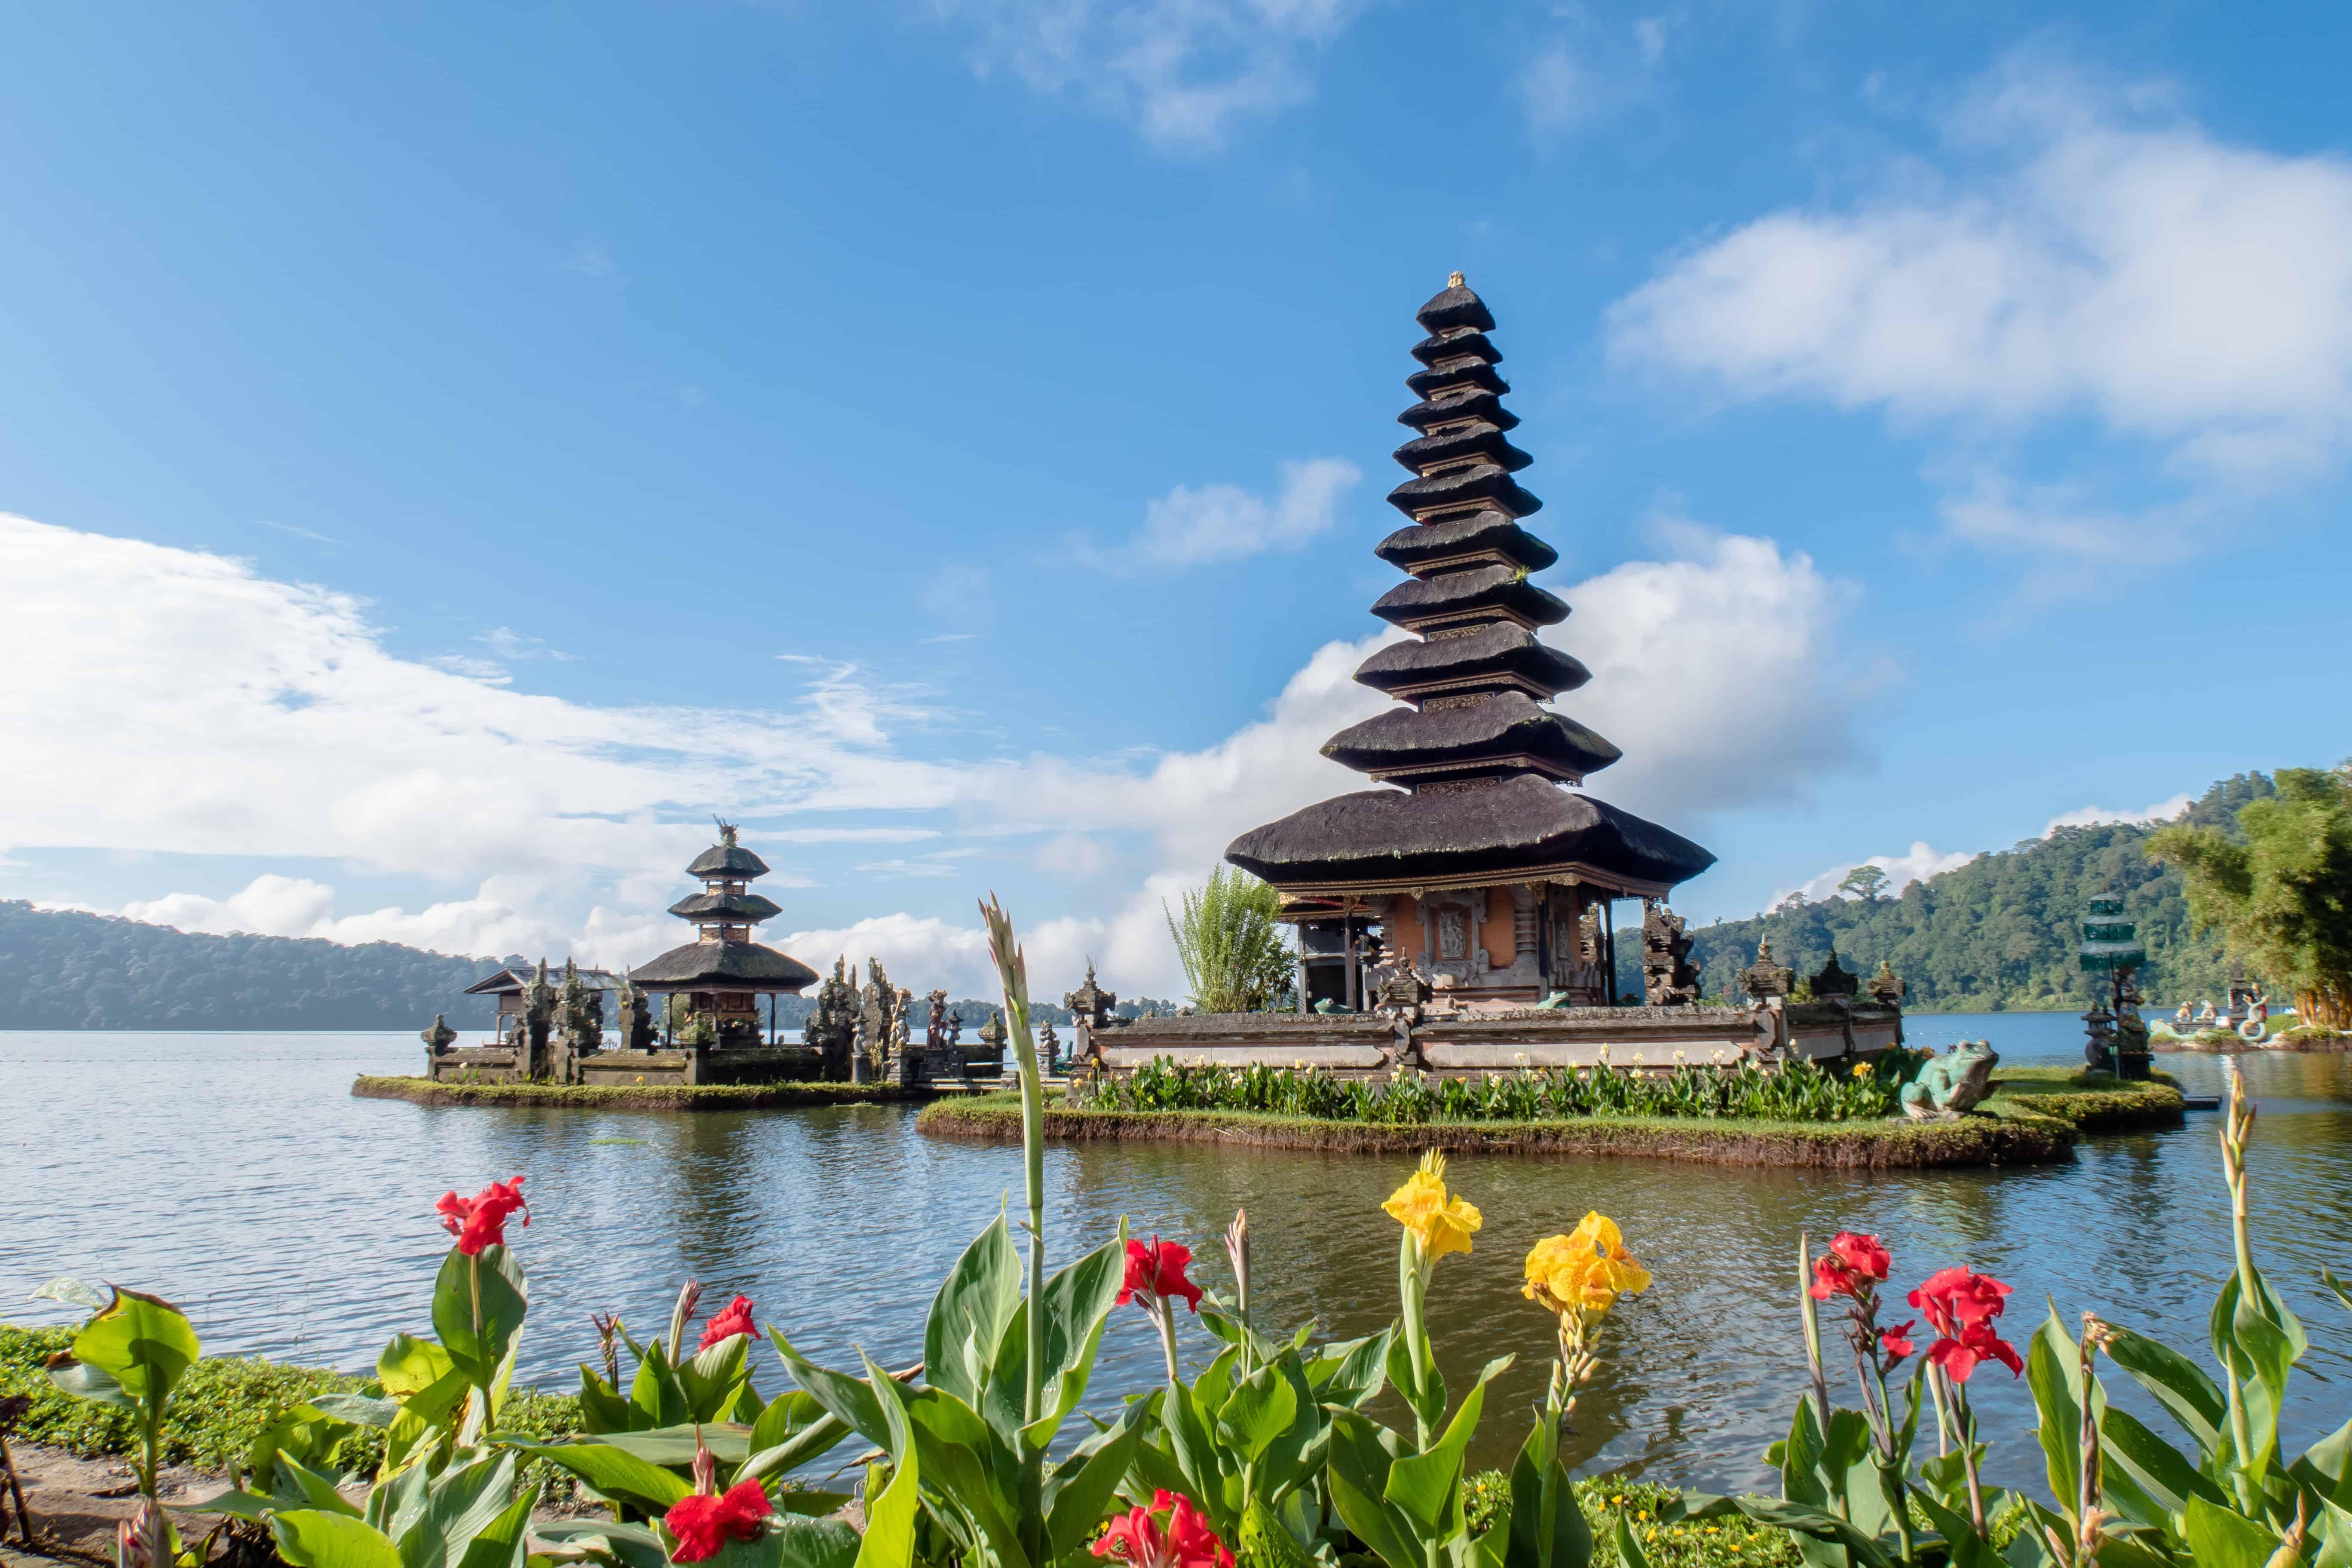 Stunning Balinese temple